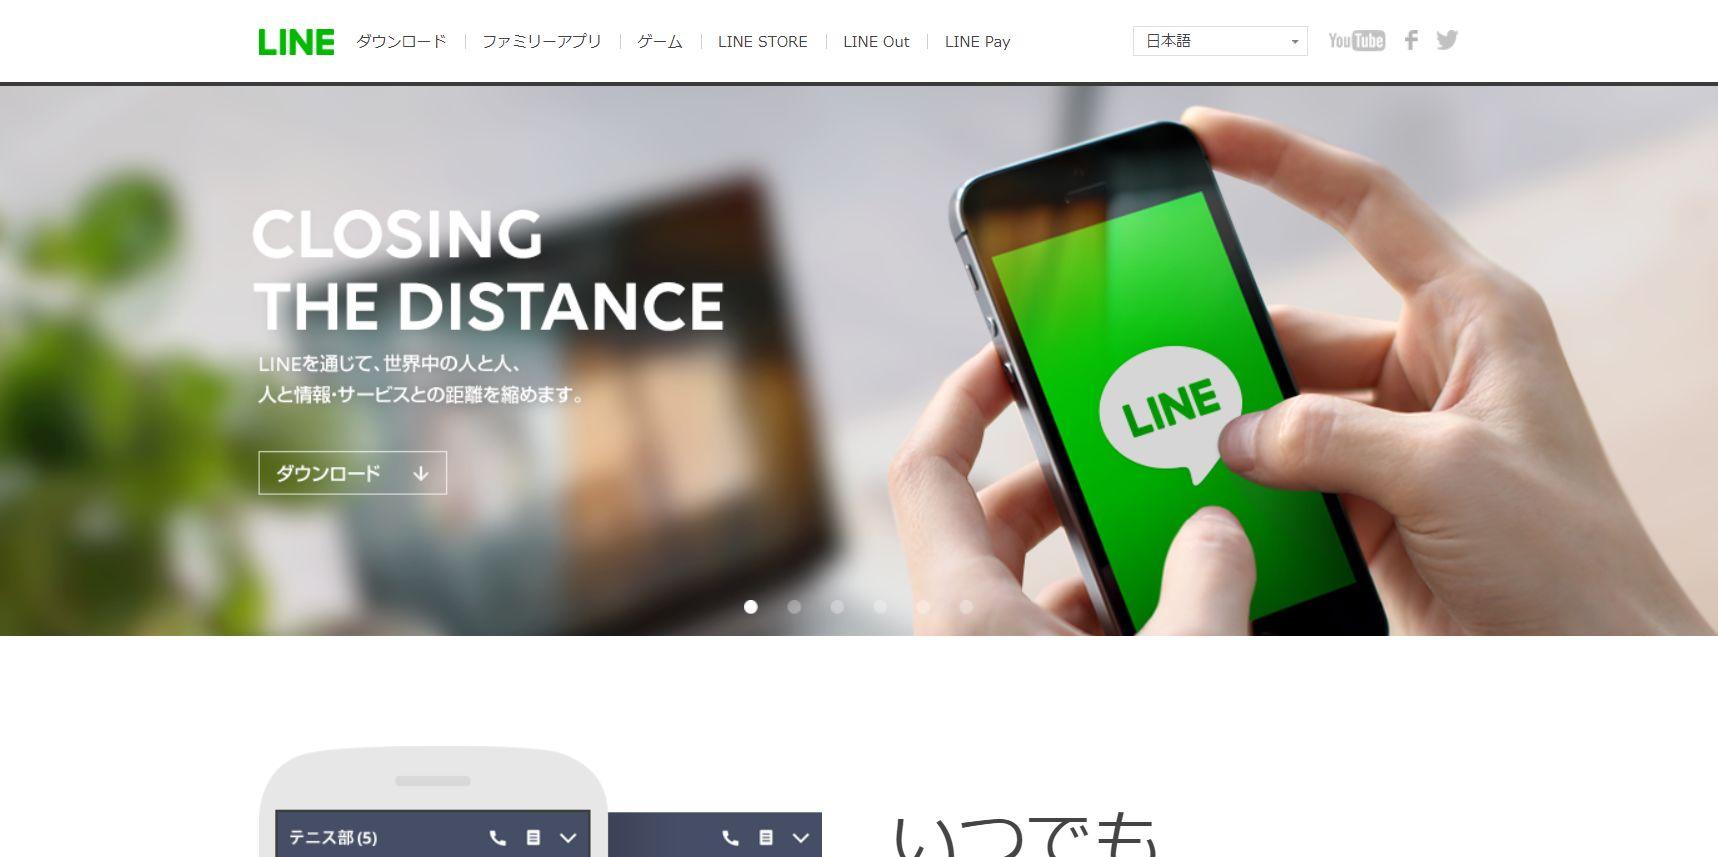 line_me_ja